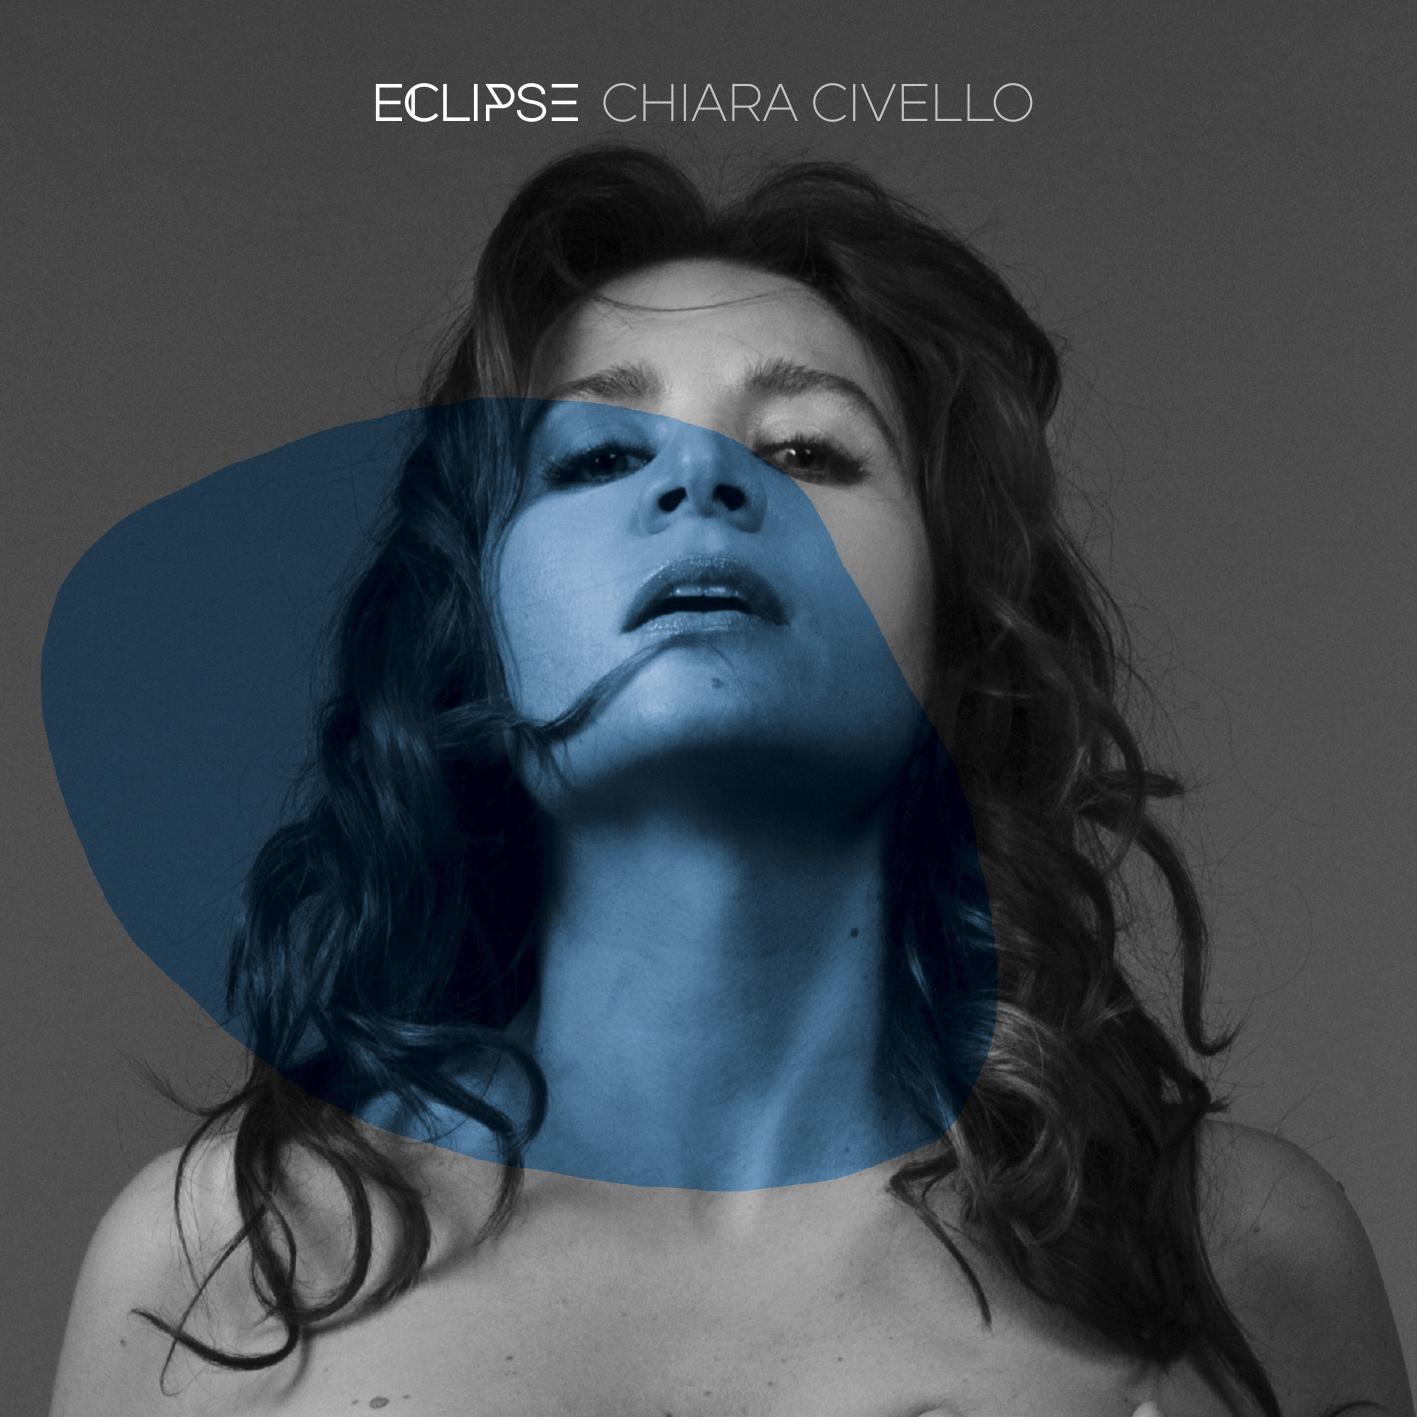 civello-eclipse-copertina